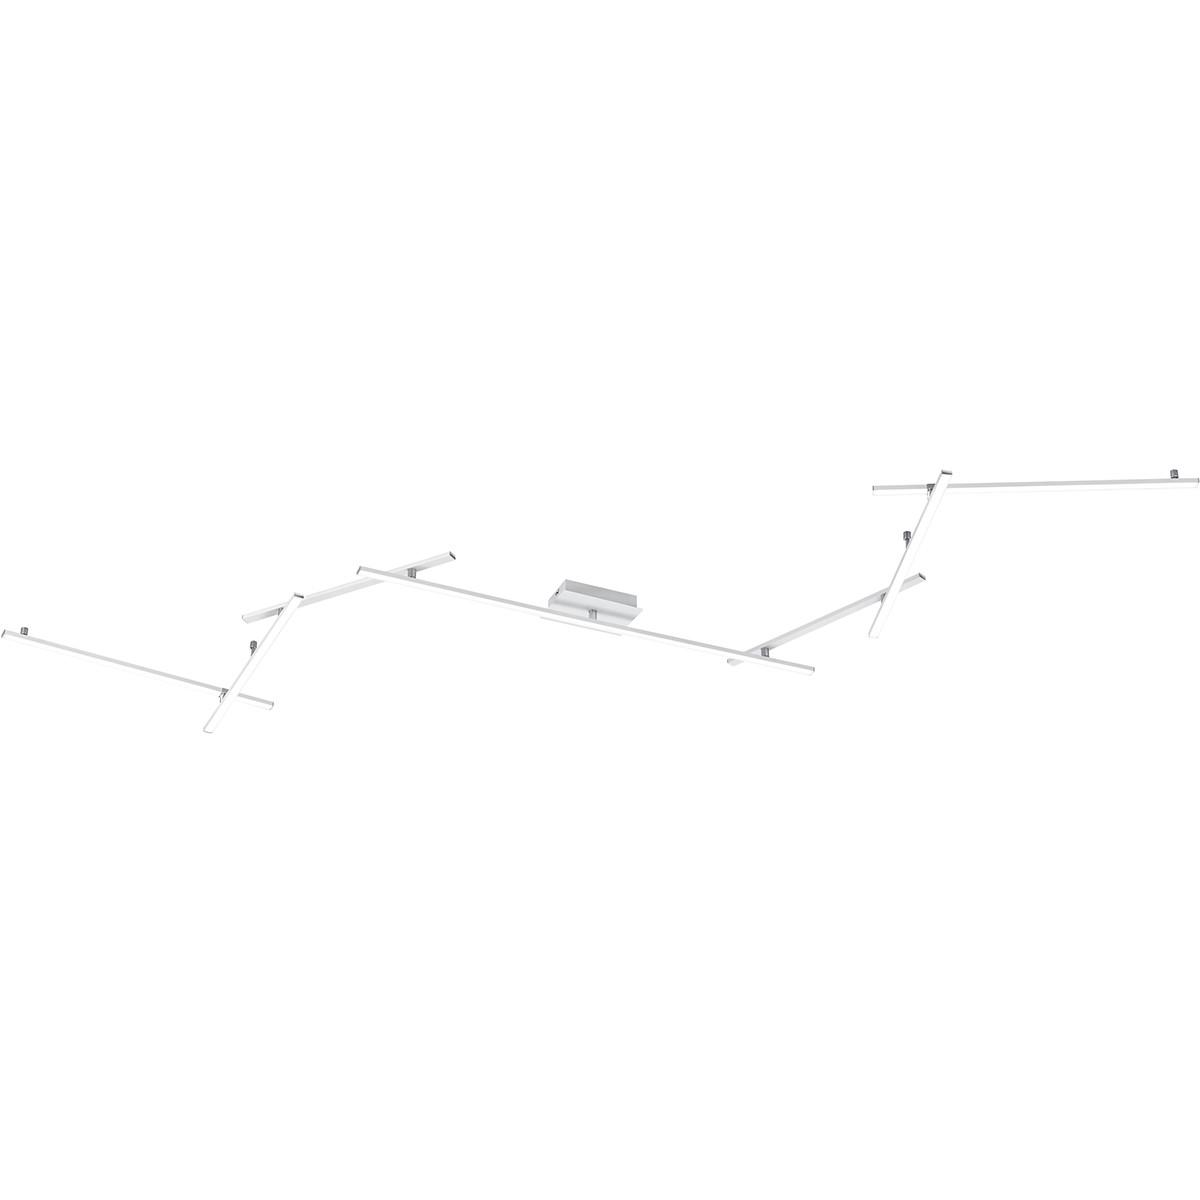 LED Plafondlamp - Trion Undiro - 28W - Natuurlijk Wit 4000K - 2-lichts - Dimbaar - Rechthoek - Mat W